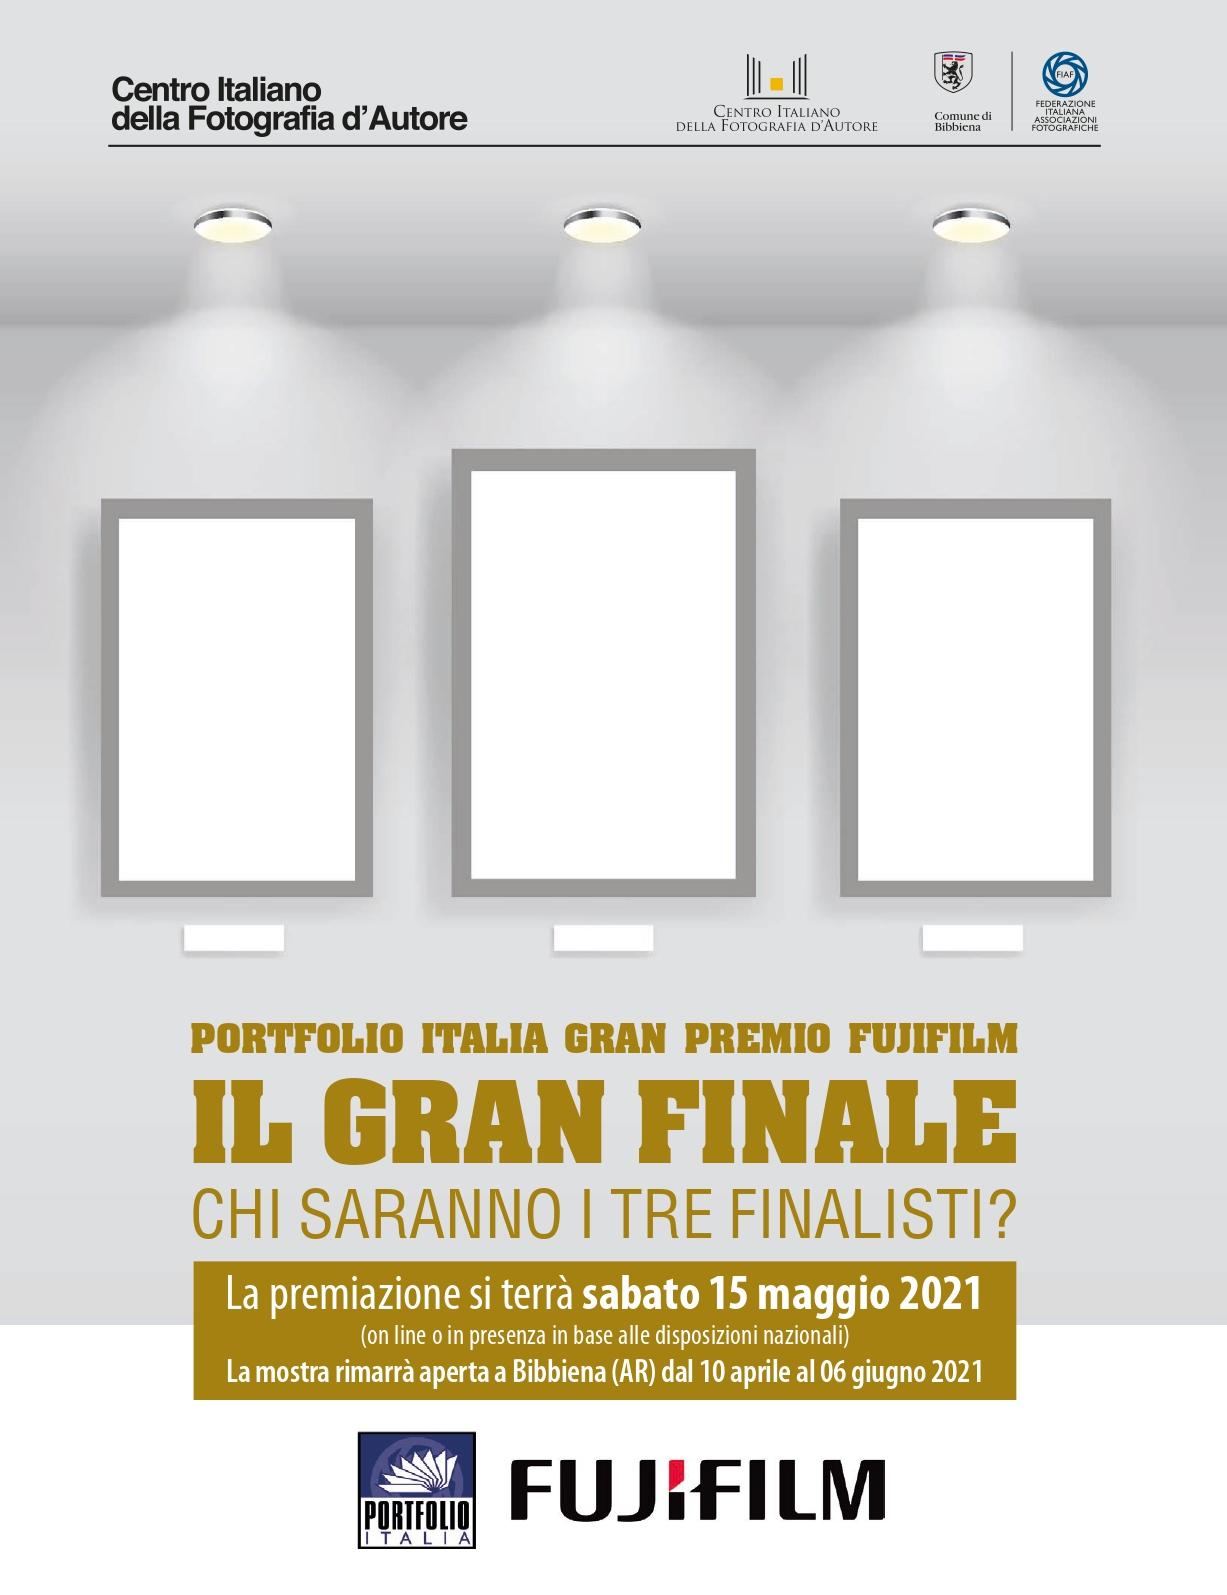 Portfolio Italia